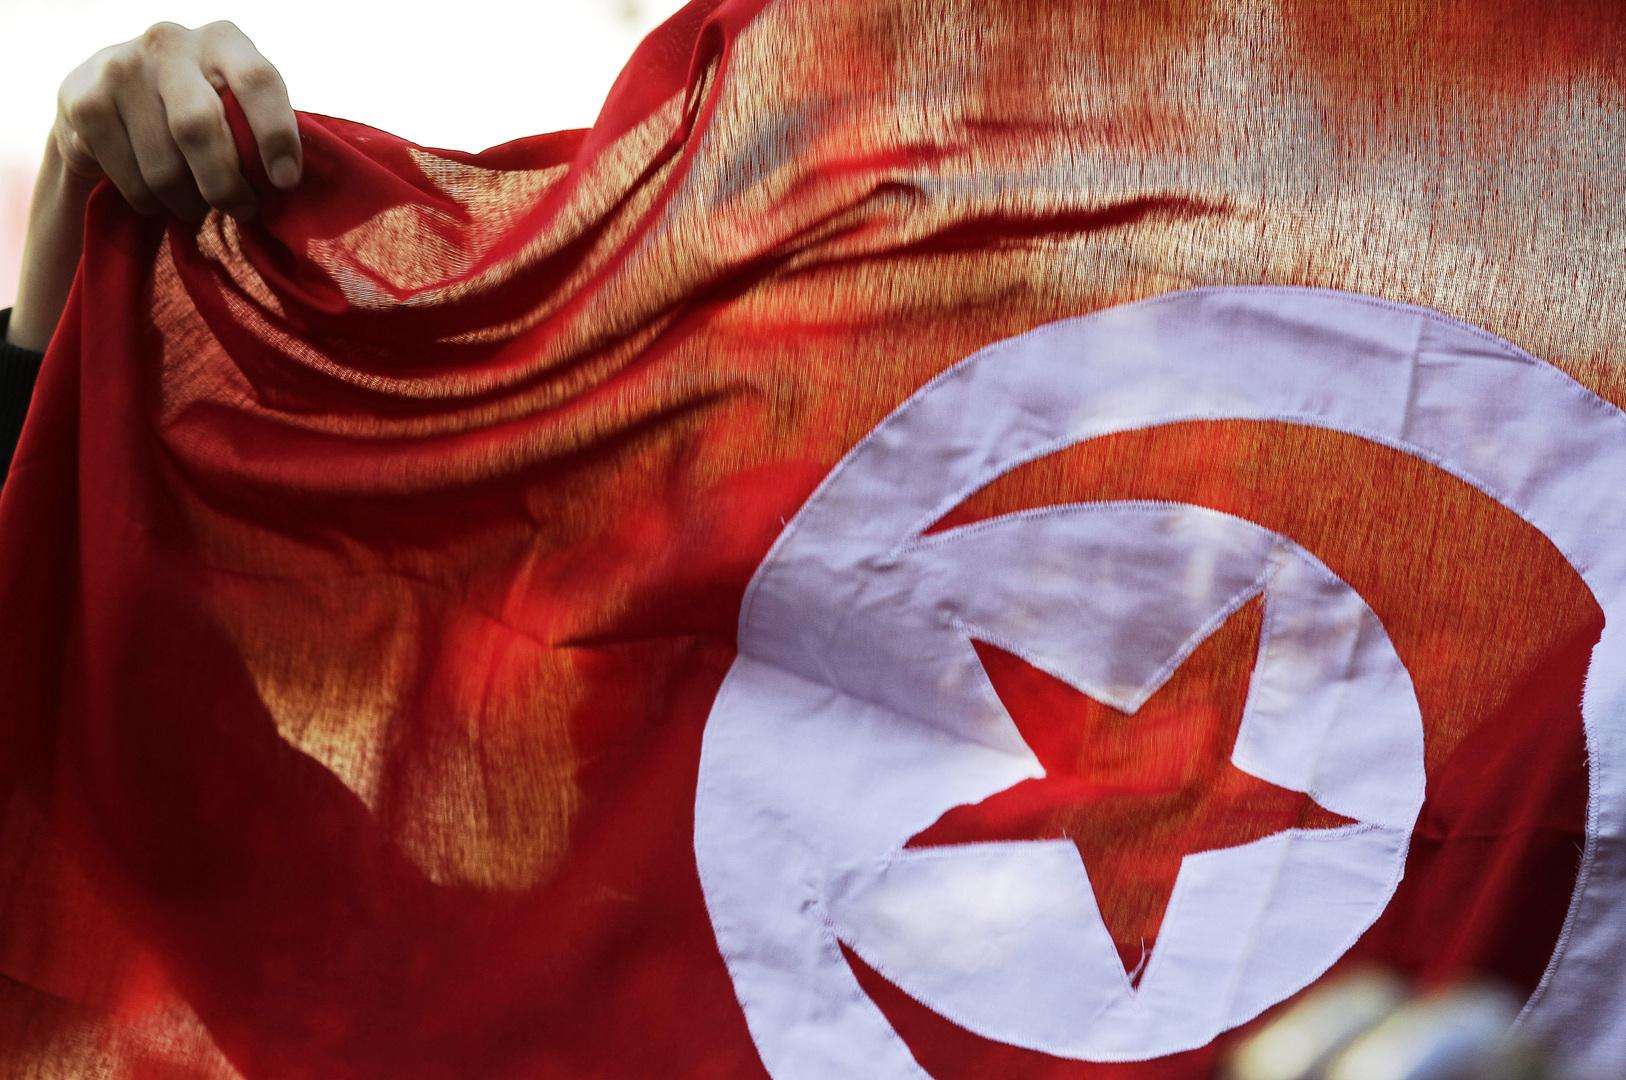 جمعية القضاة التونسيين: المجلس الأعلى للقضاء هو الجهة المخولة بمحاسبة القضاة